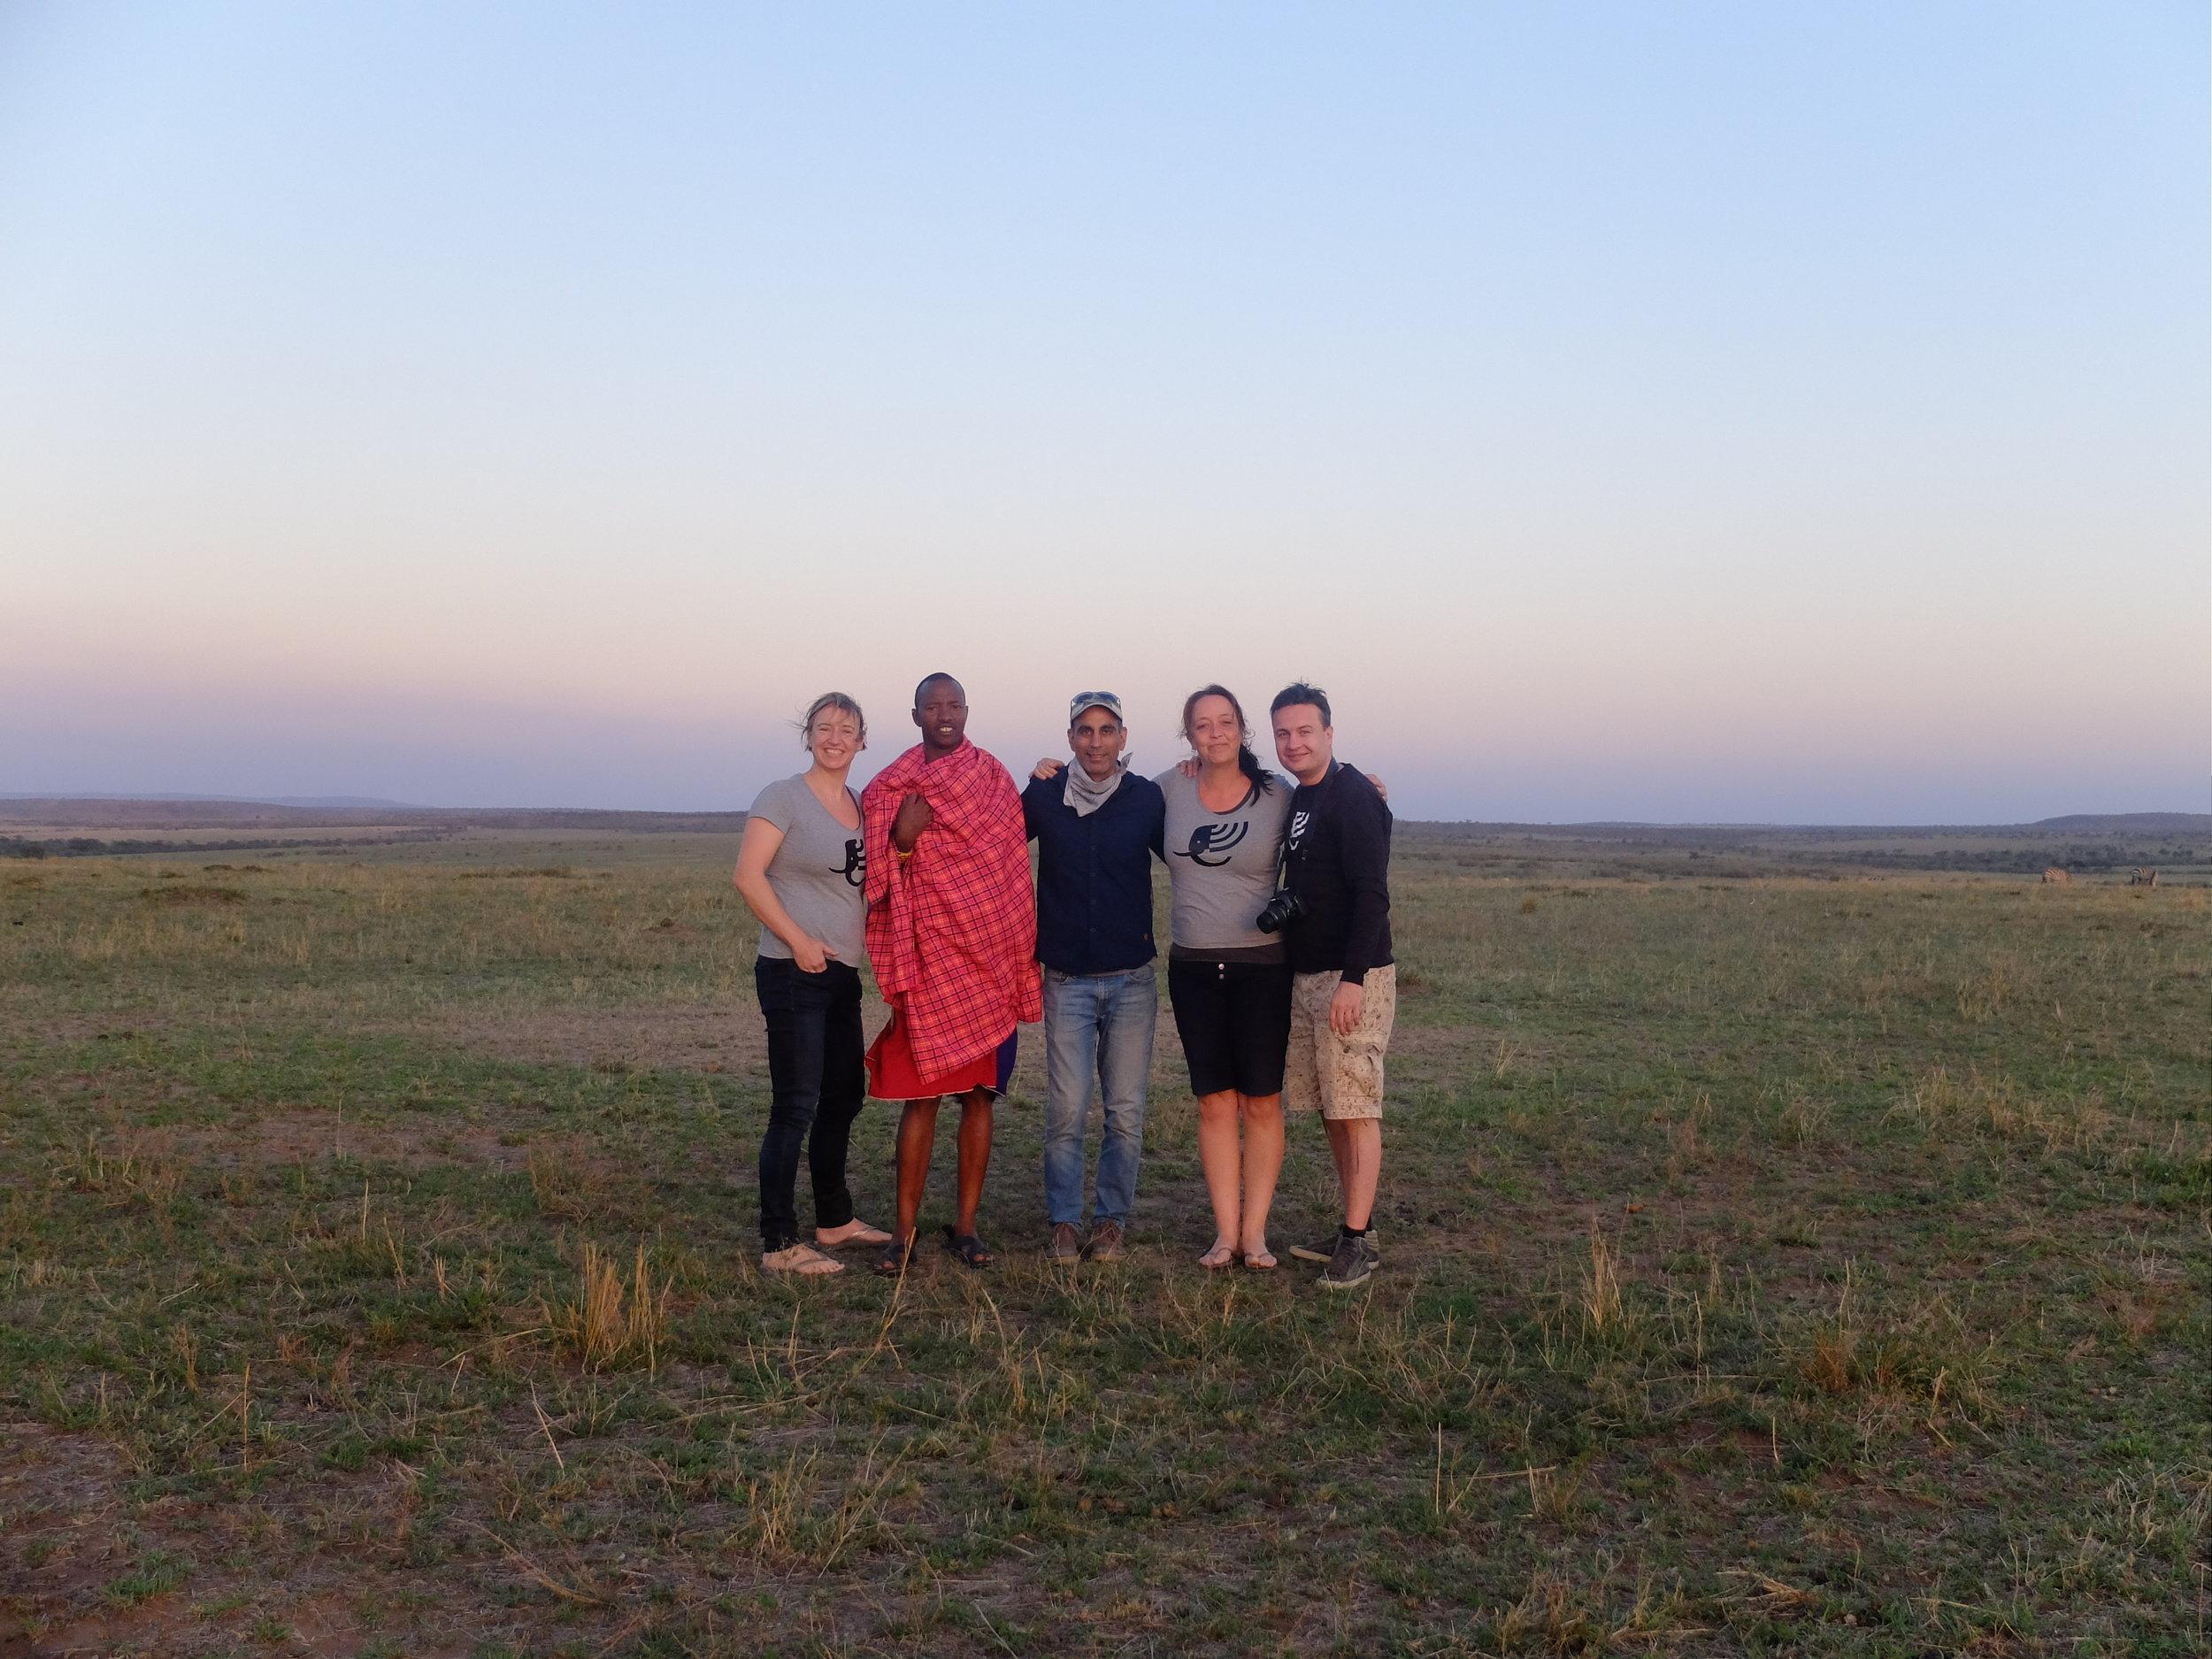 Ellis, Gautam, Lianne & Michiel in the Maasai Mara in Kenya